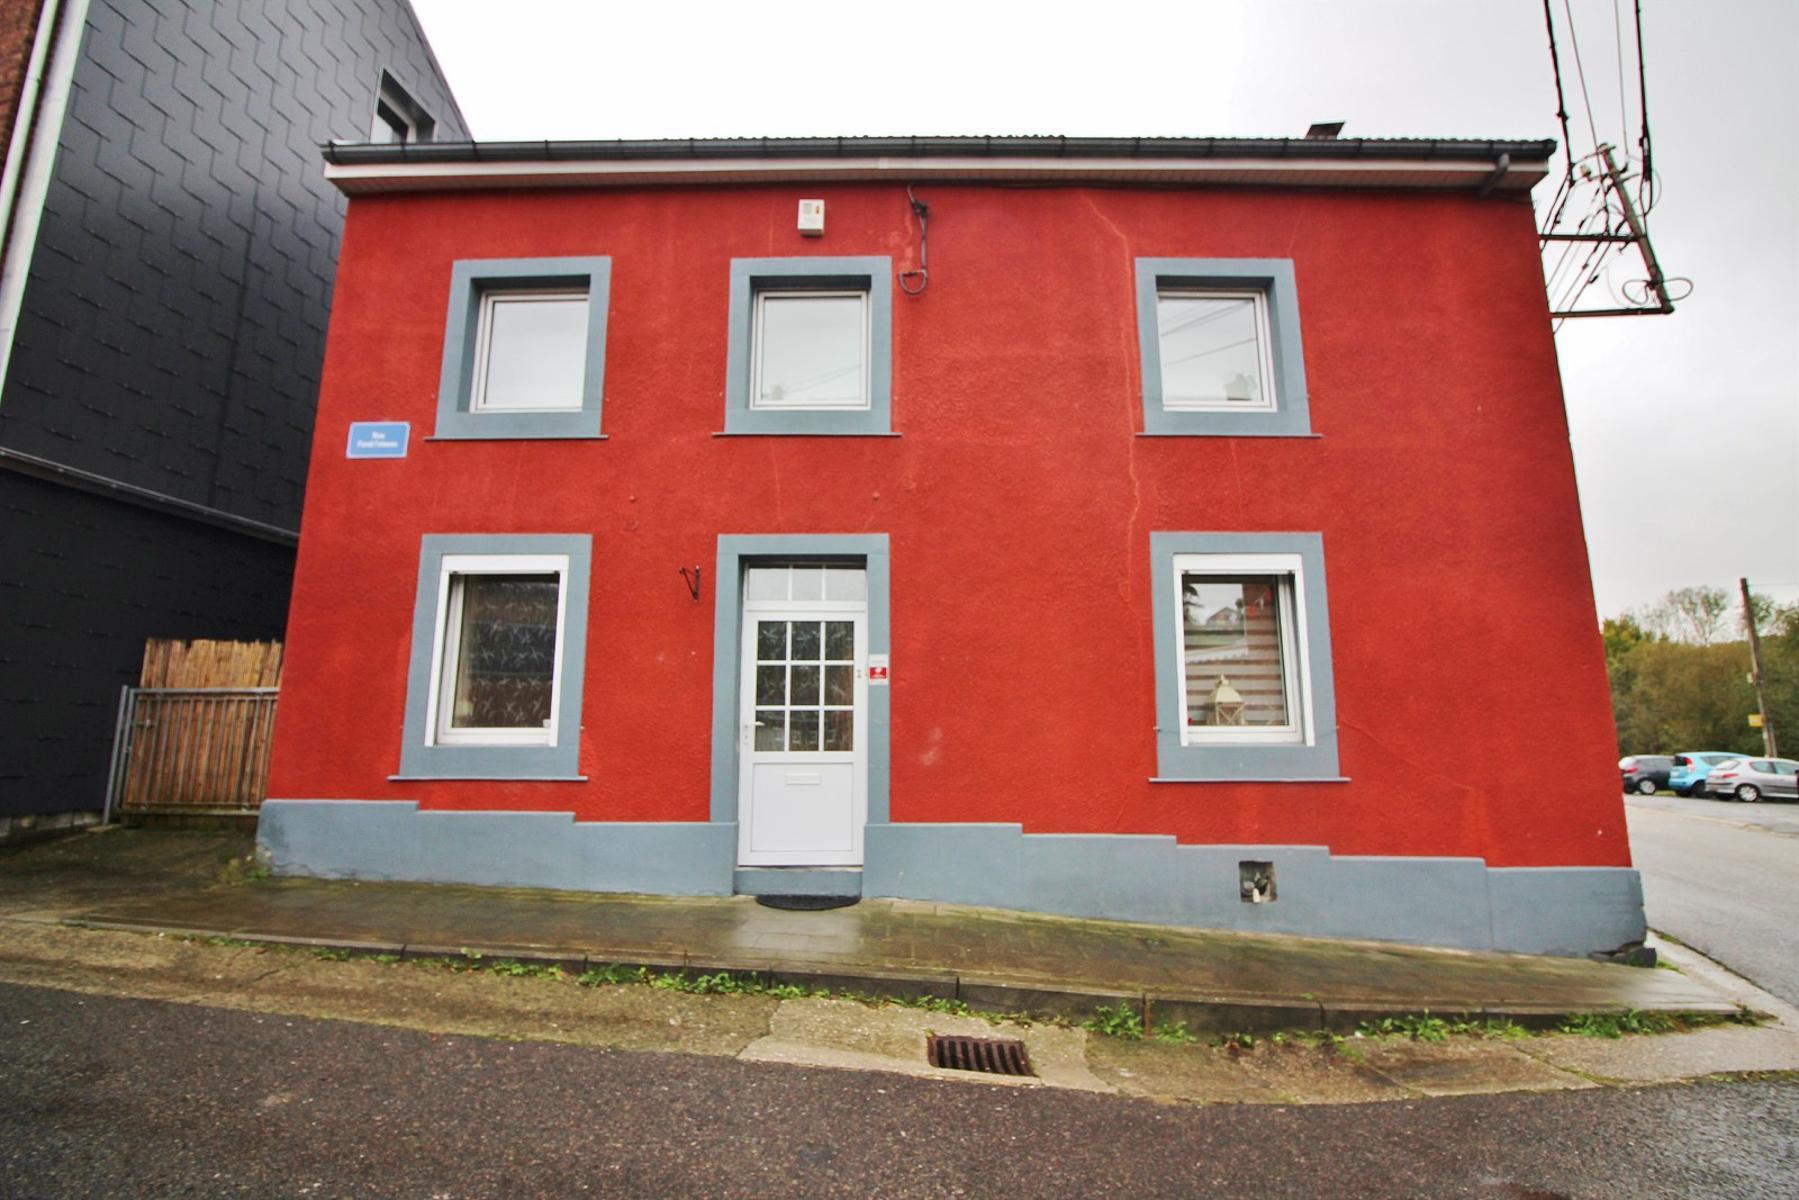 Maison - Fléron Romsée - #4537258-18